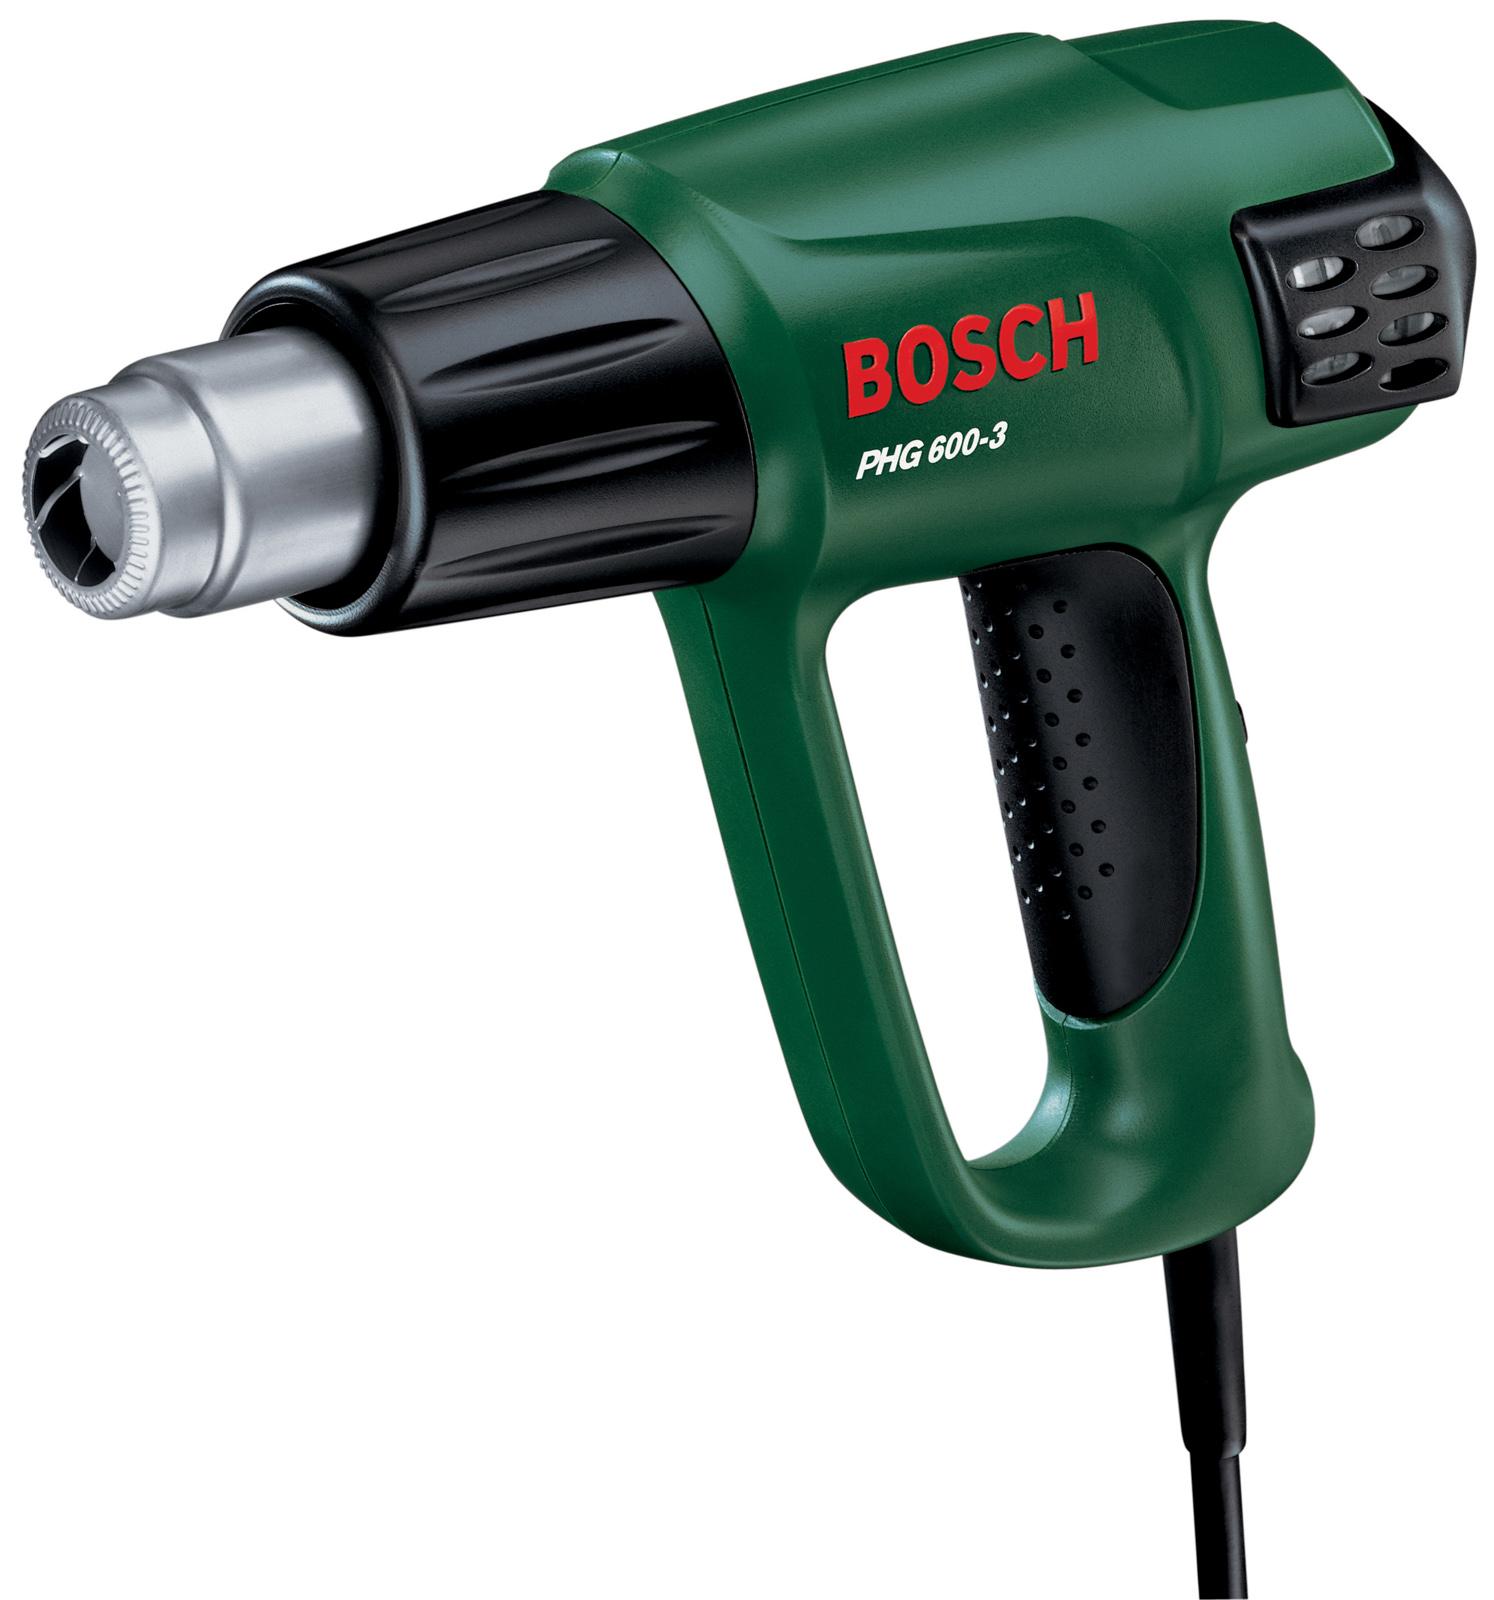 Фен технический Bosch Phg 600-3 (0.603.29b.008) bosch phg 600 3 060329b008